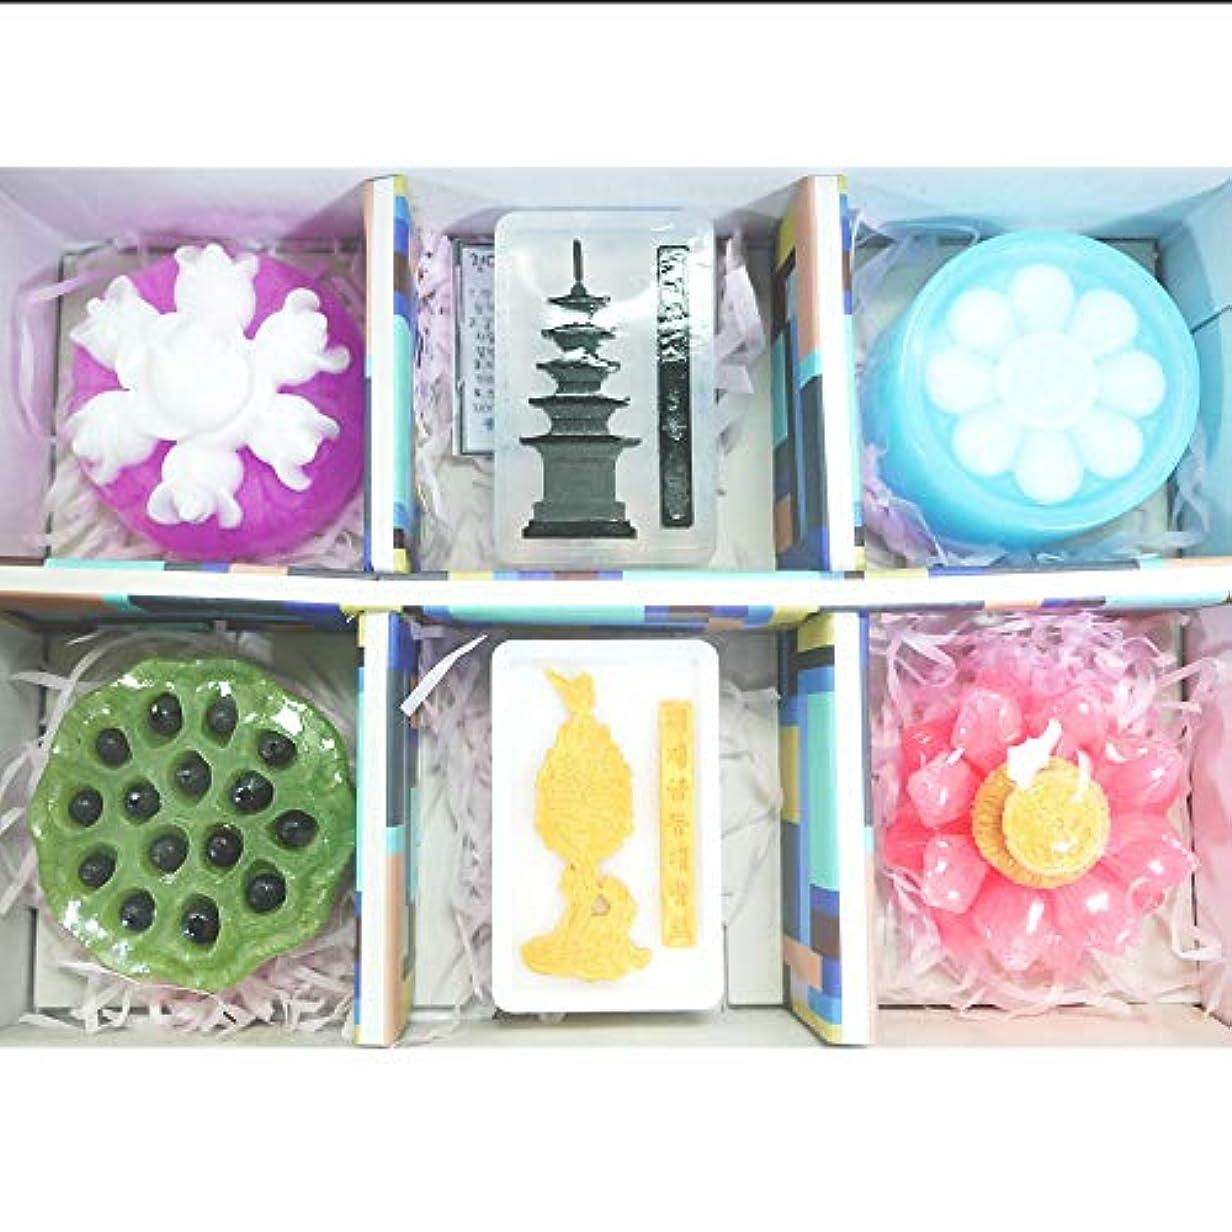 印をつけるオフェンストランスミッション[ソドン] 韓国 百済 手漉き石鹸 1 セット(3.5オンスx 6石鹸)